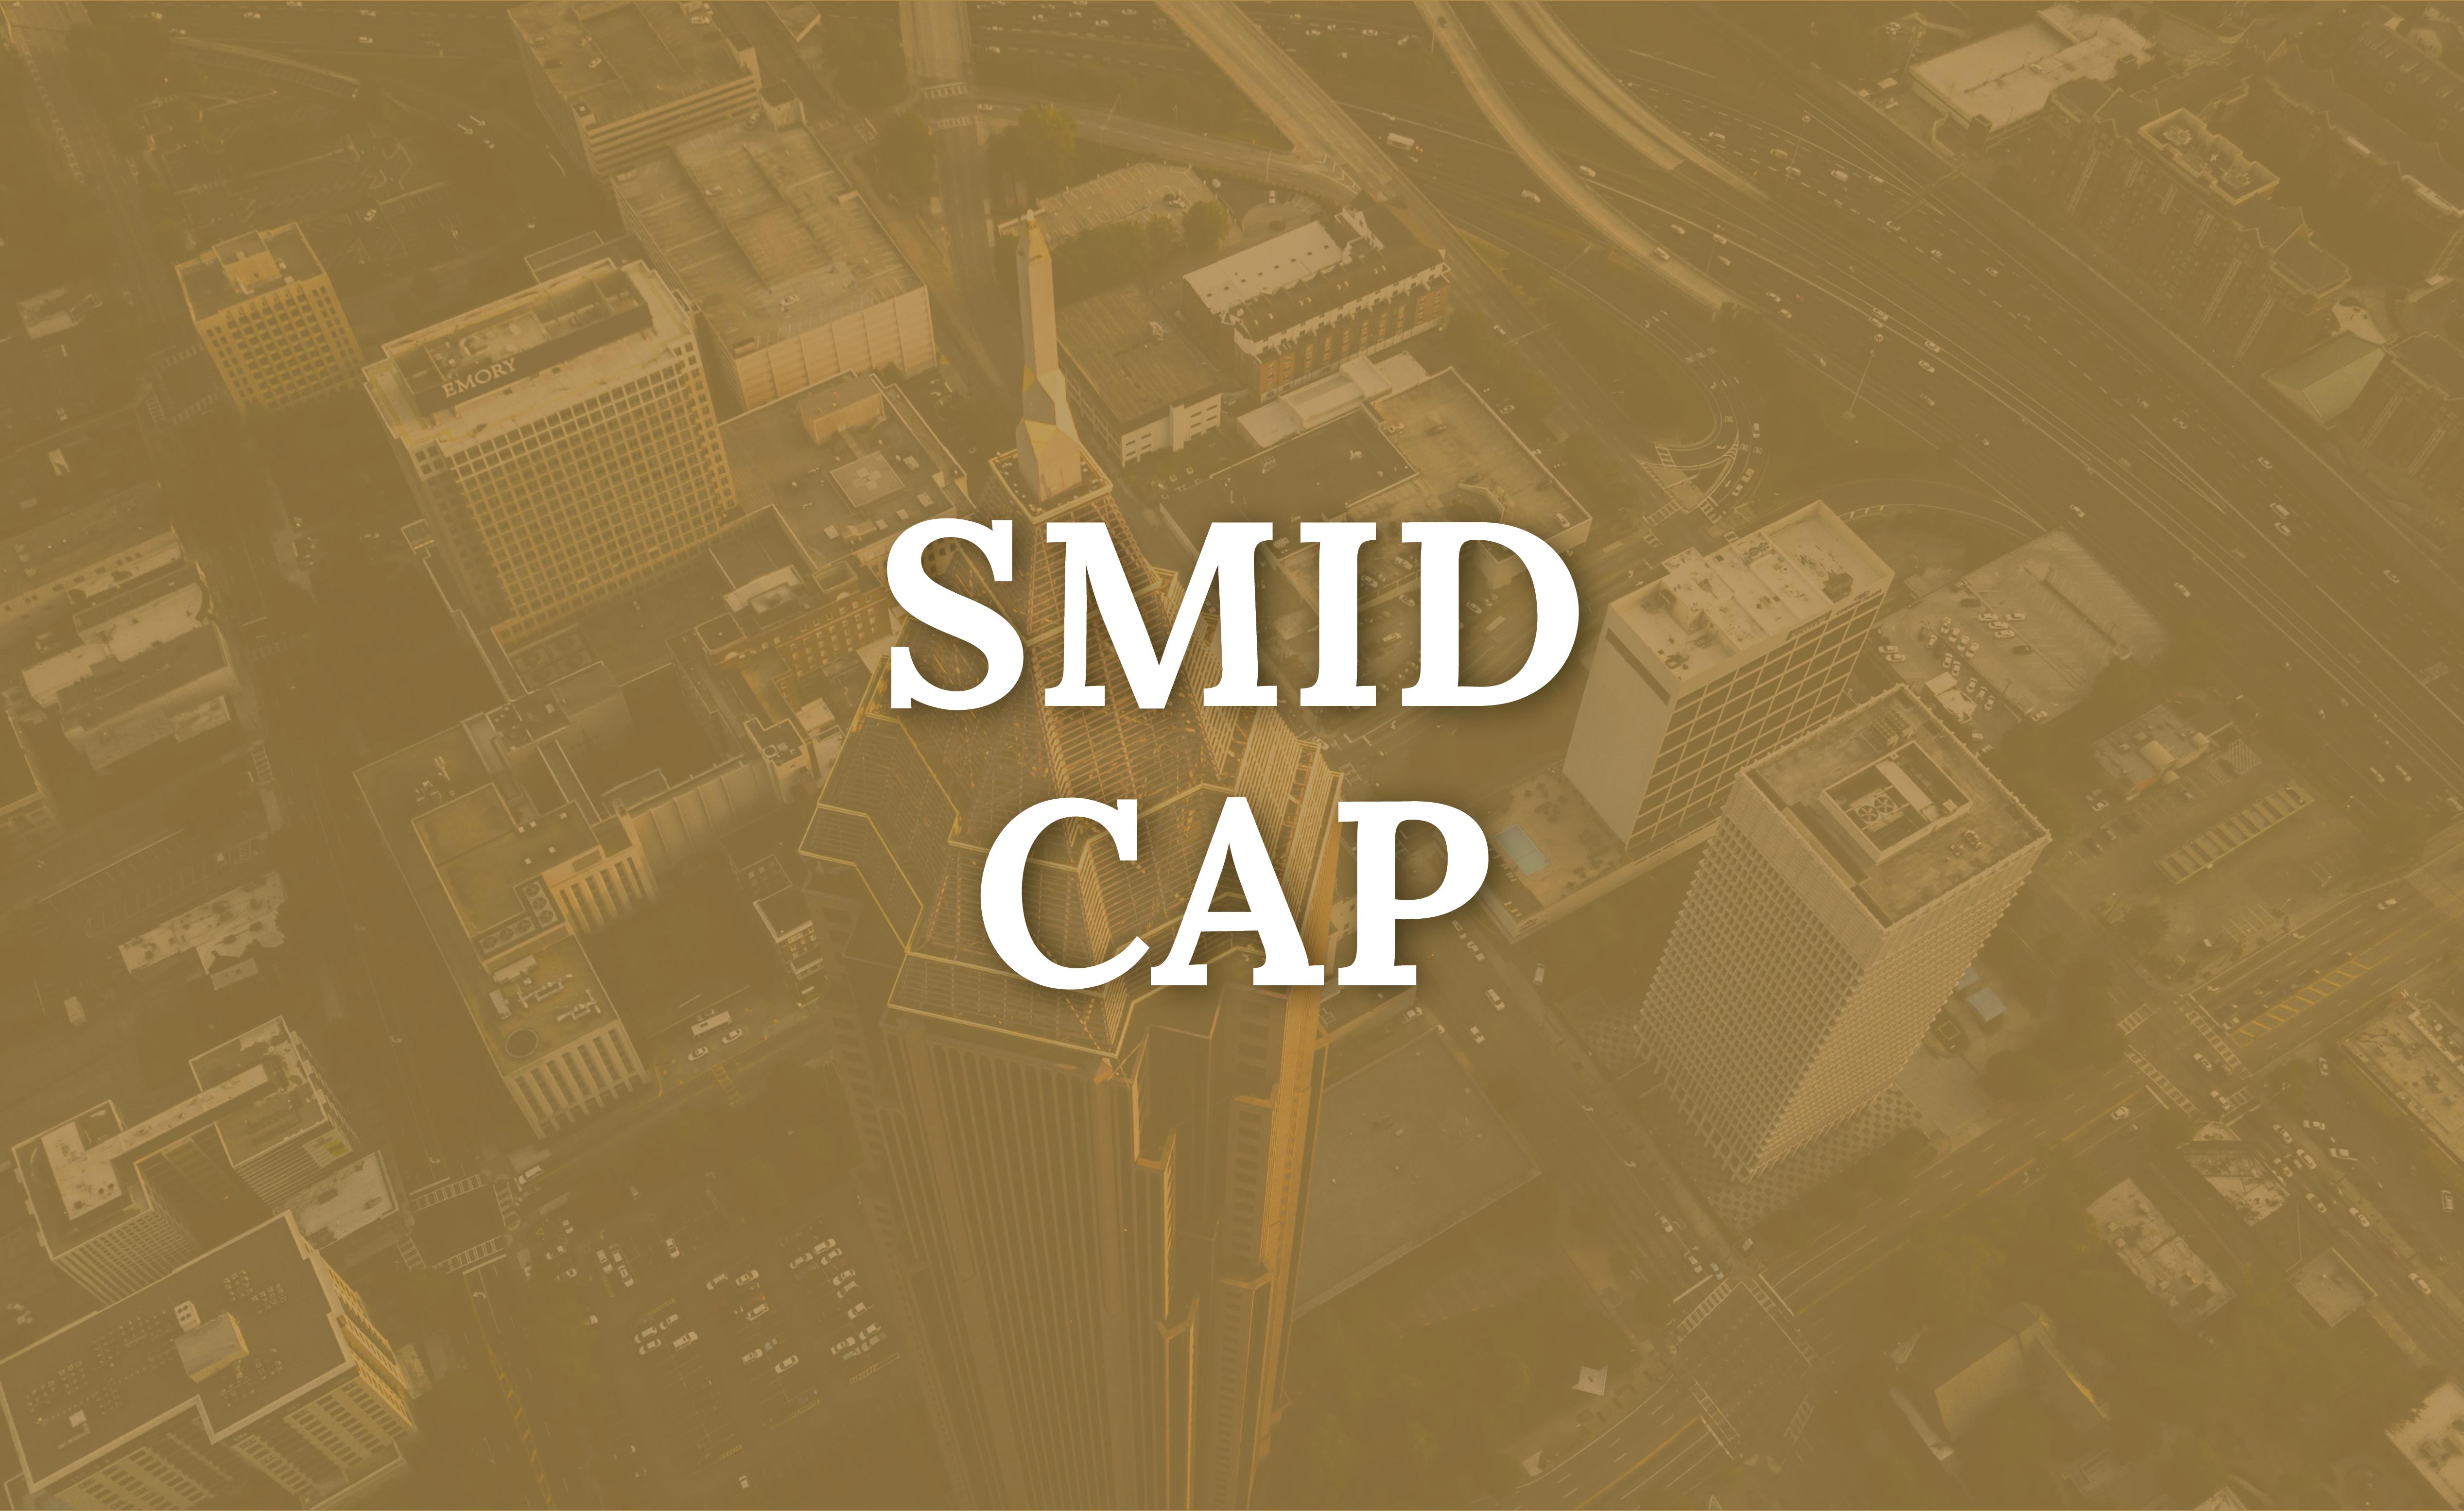 Crawford_SMID Cap